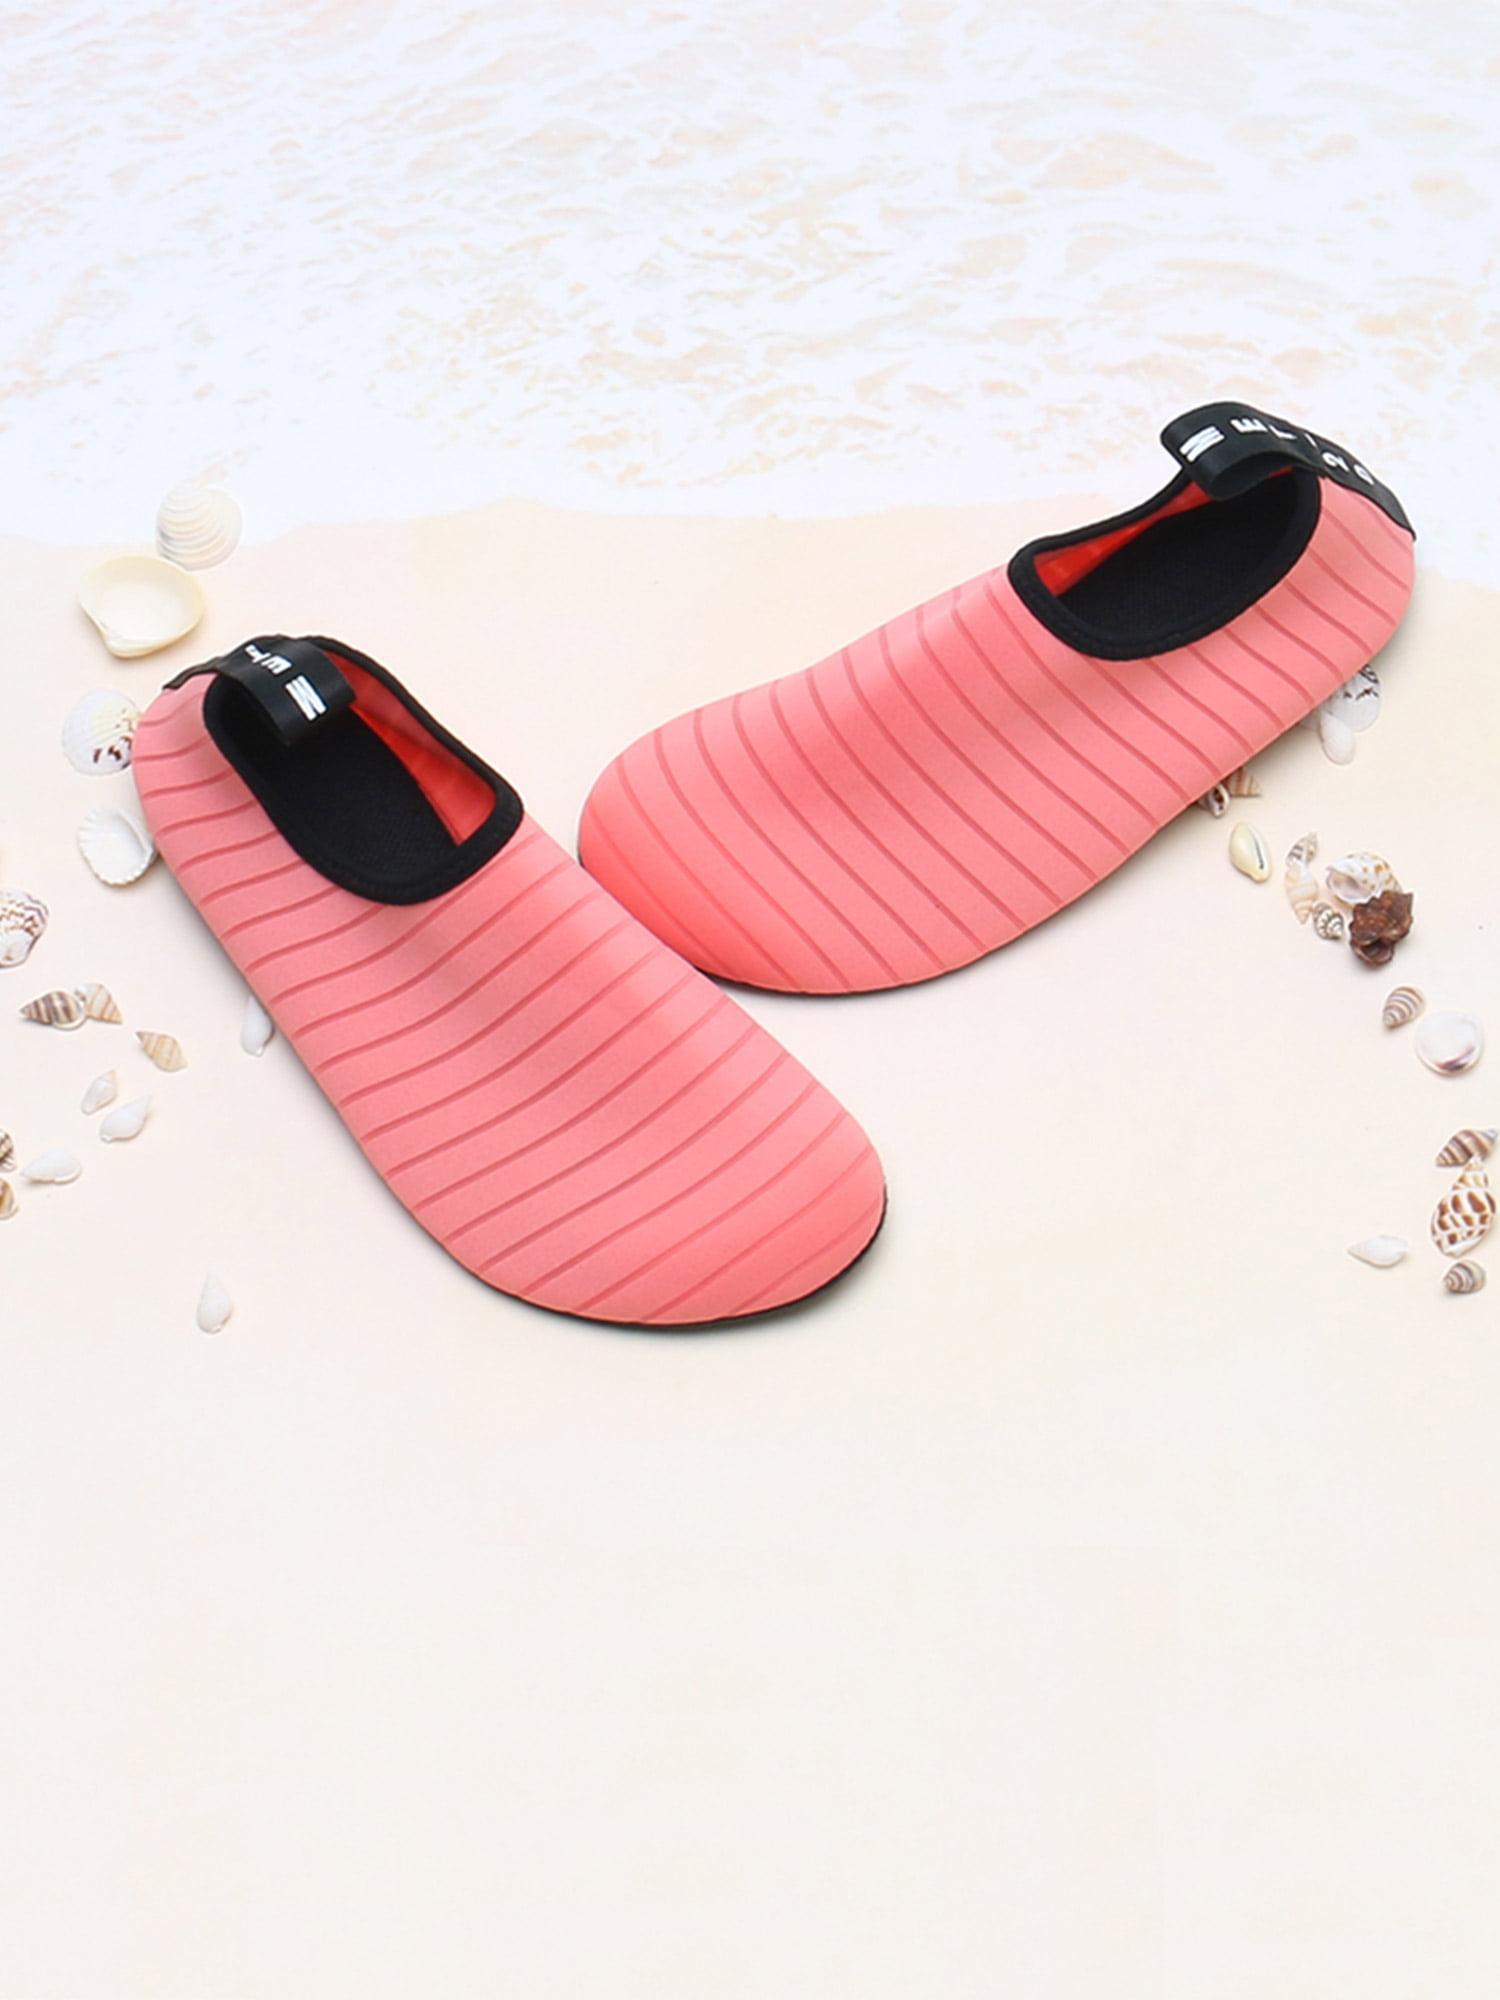 la la la plage dans deux chaussures antidérapantes adultes plongée plongée nager nus tapis chaussures de chaussettes pour hommes garçons cadeau chausse - pied d0bc58